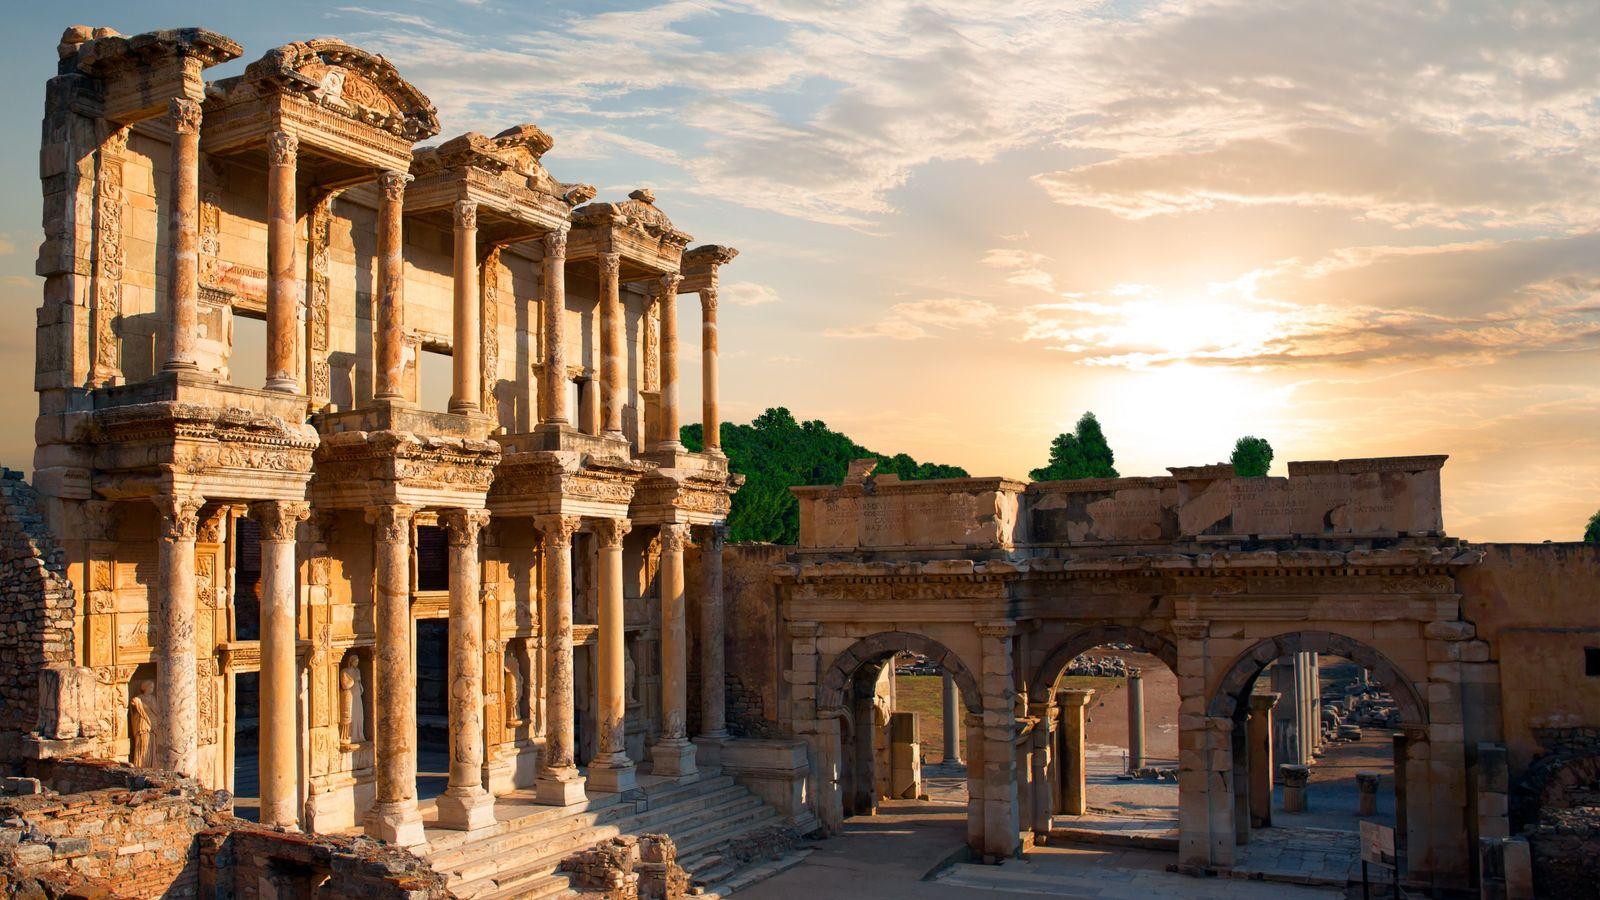 À la mort du souverain Attale III, en 133 av. J.-C., Éphèse passe sous domination romaine. ...